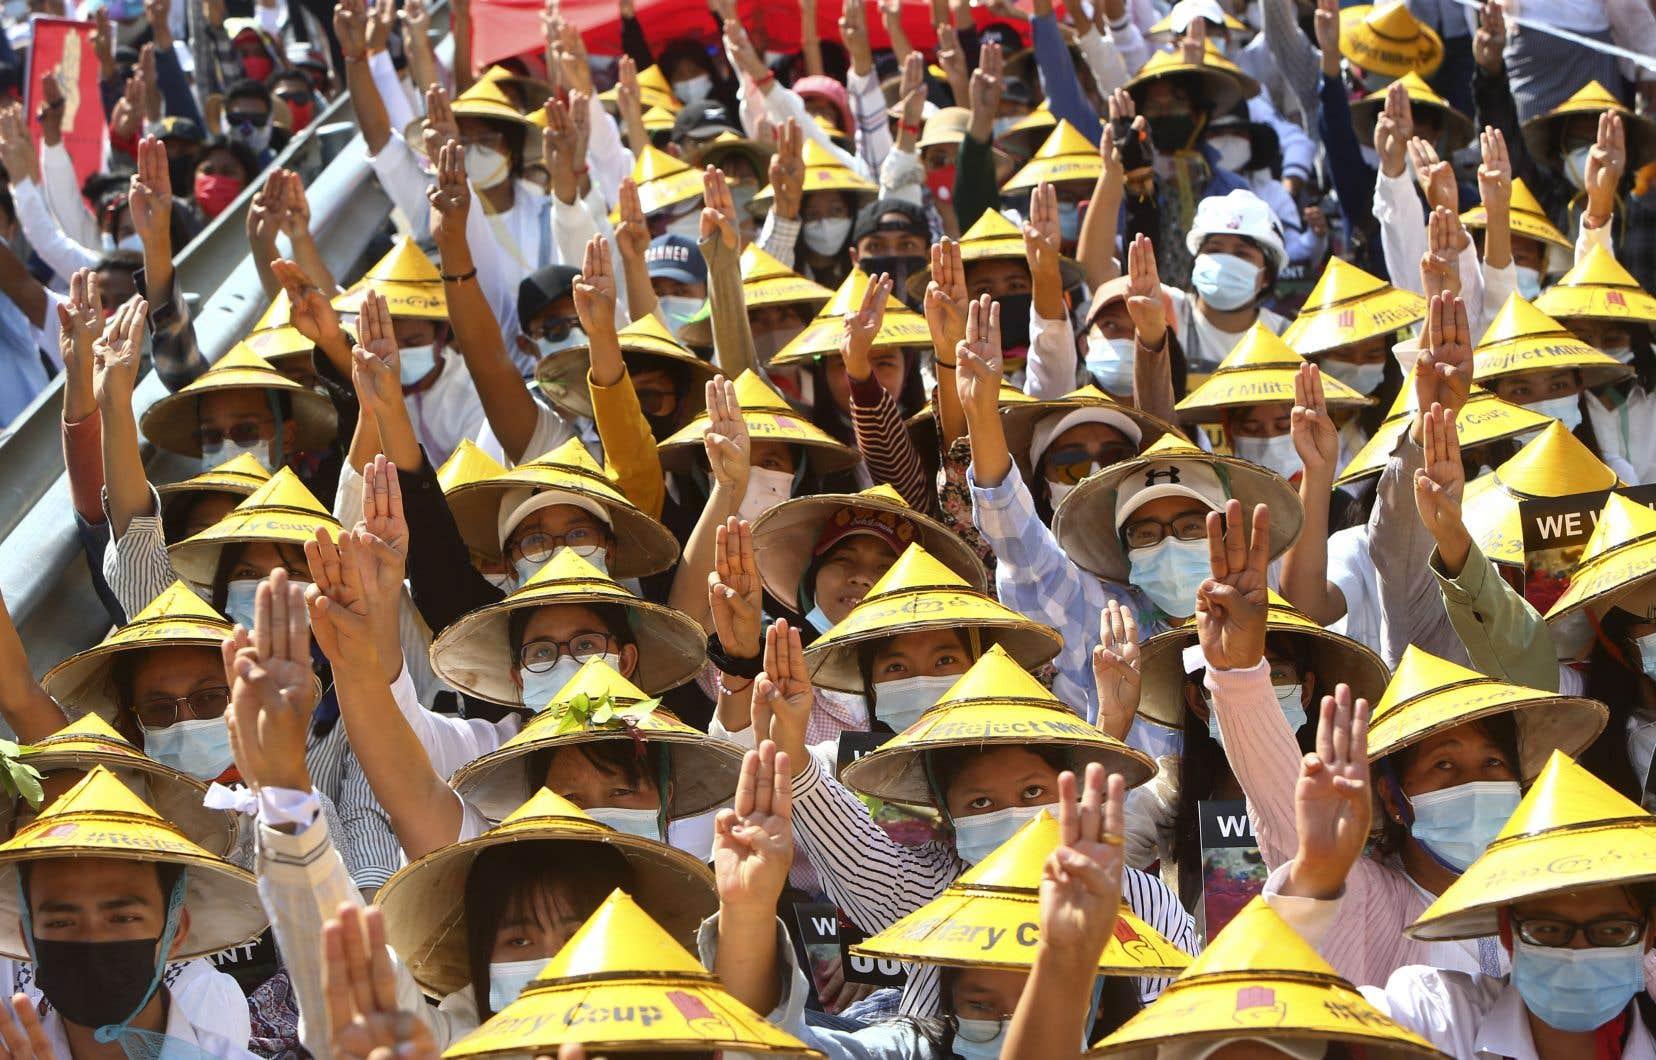 Des centaines de milliers de personnes ont manifesté lundi au Myanmar pour dénoncer de nouveau le coup d'État militaire.